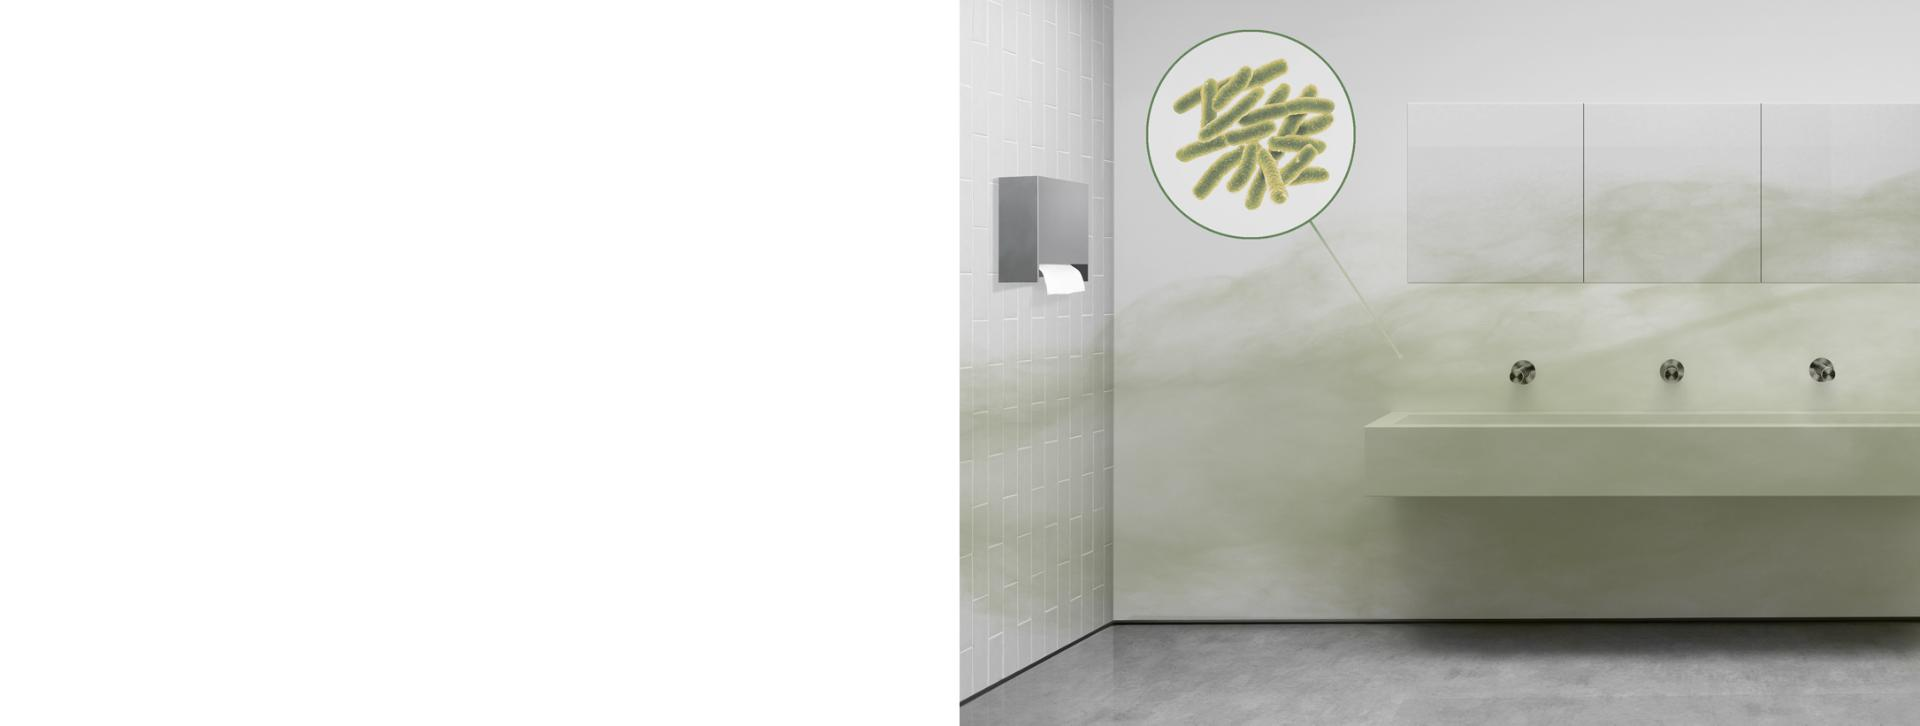 חלקיק חיידק בתוך חדר השירותים